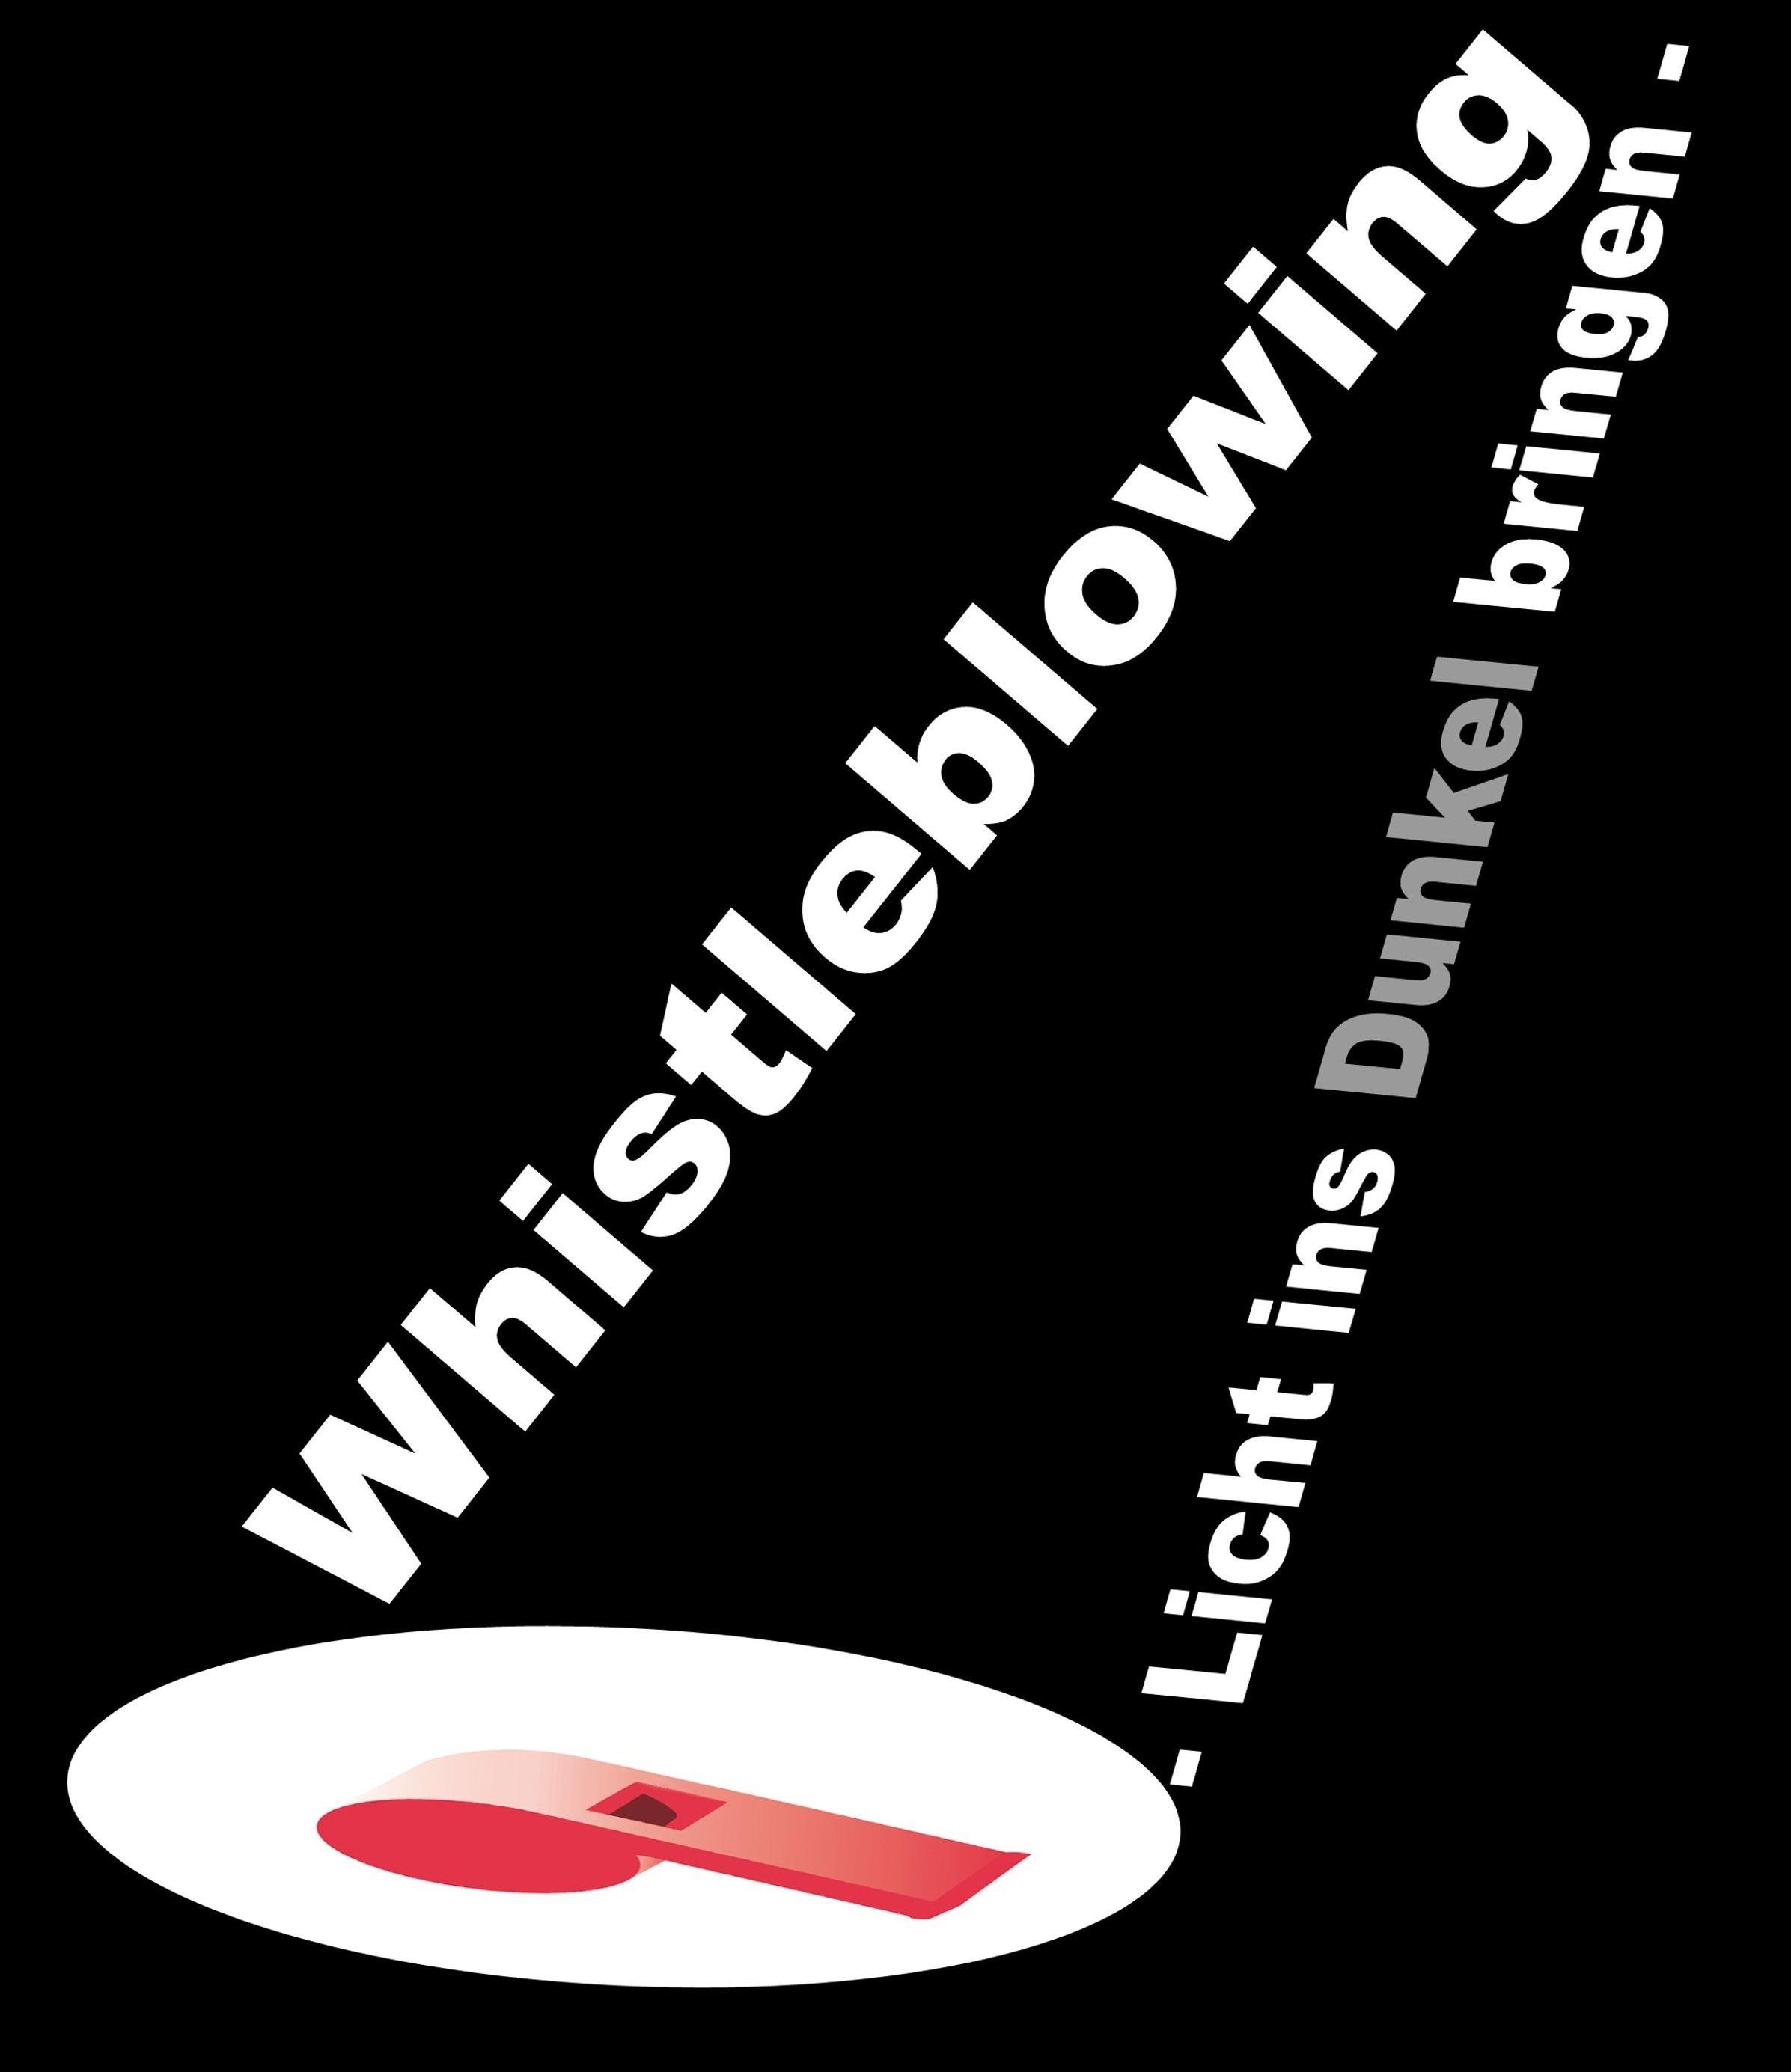 Ausstellung: Whistleblowing – Licht ins Dunkel bringen! - © Petrov Ahner